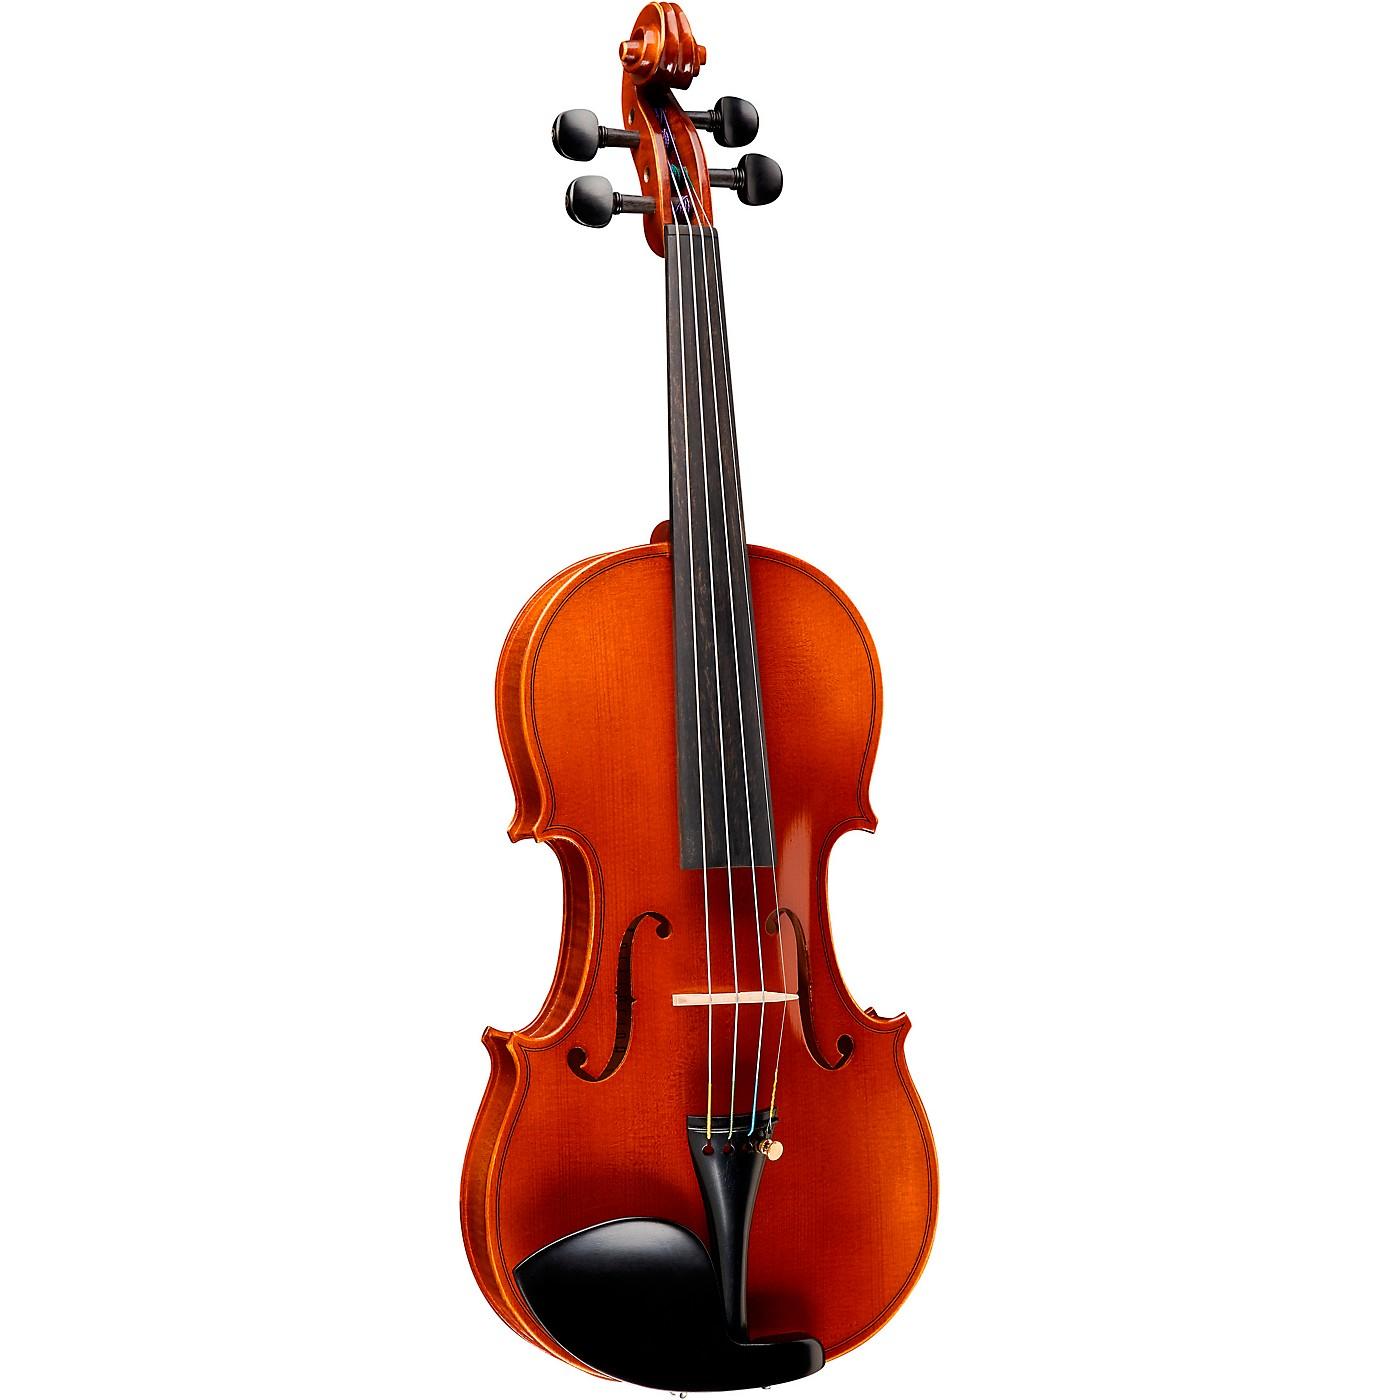 Bellafina Bavarian Series Violin Outfit thumbnail